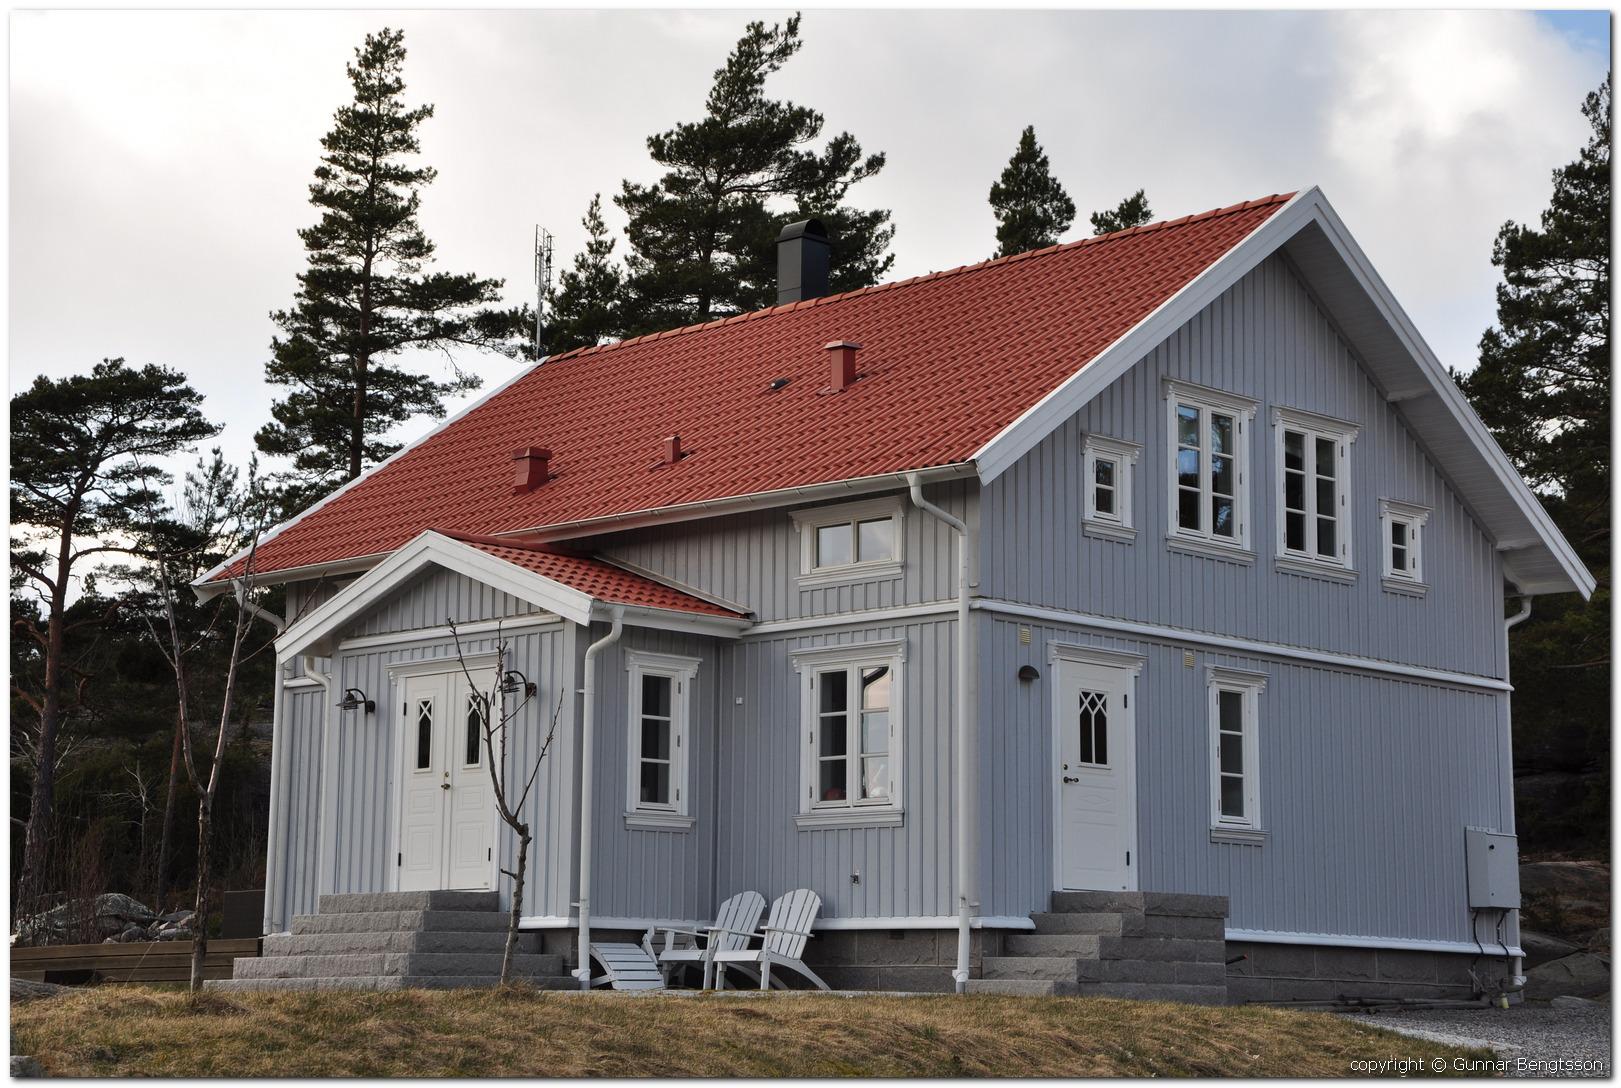 bohuslan_norge_2012-04-01_dsc_3374